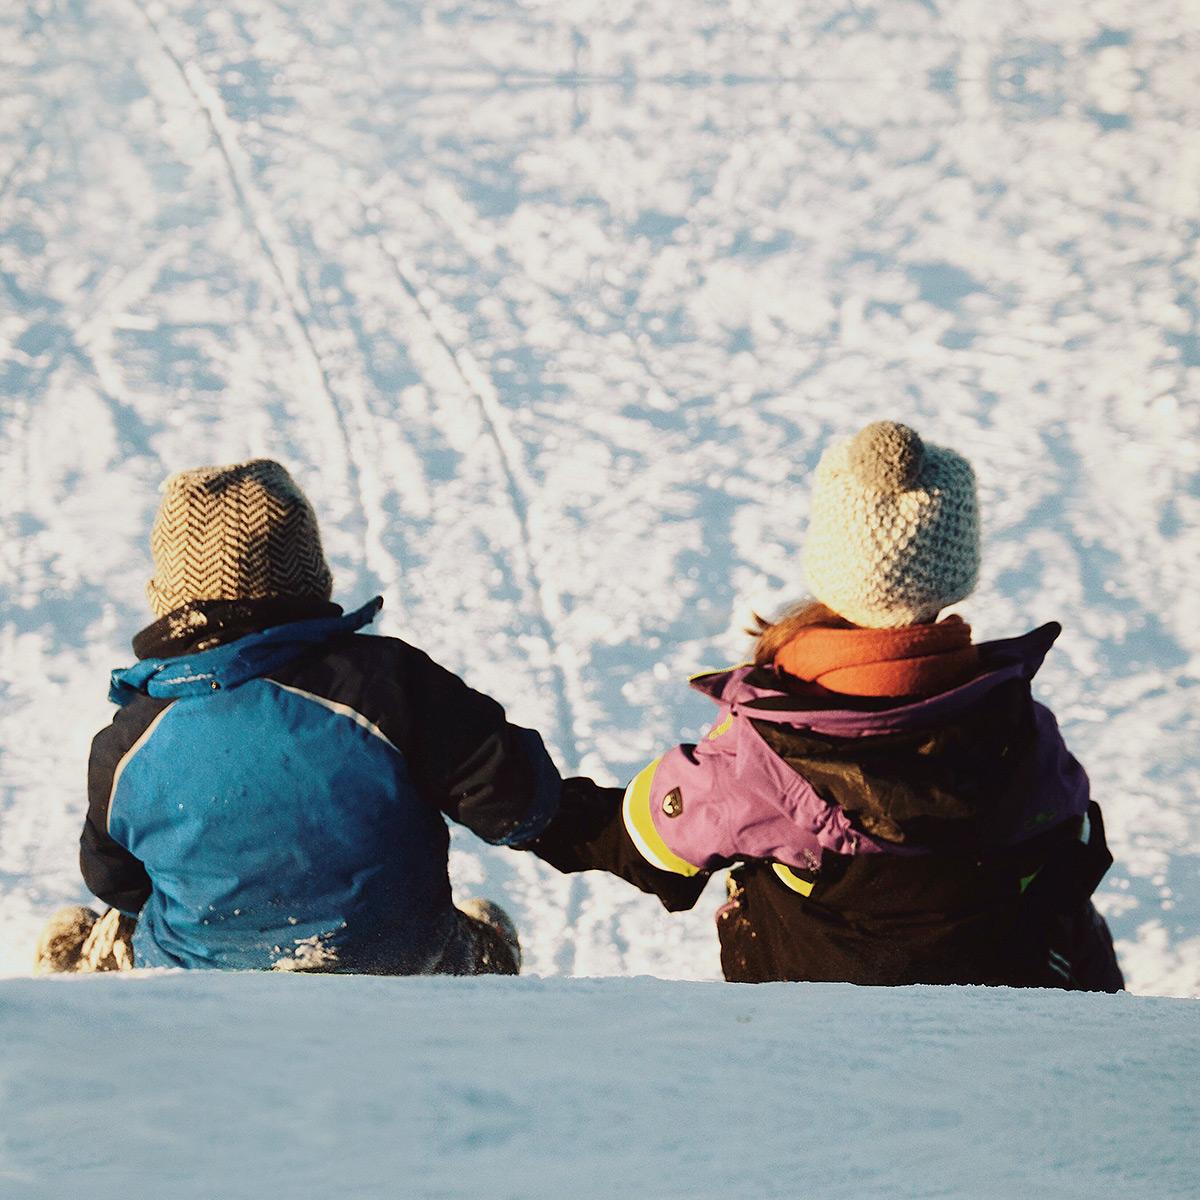 Två barn i skidkläder på väg nerför en skidbacke